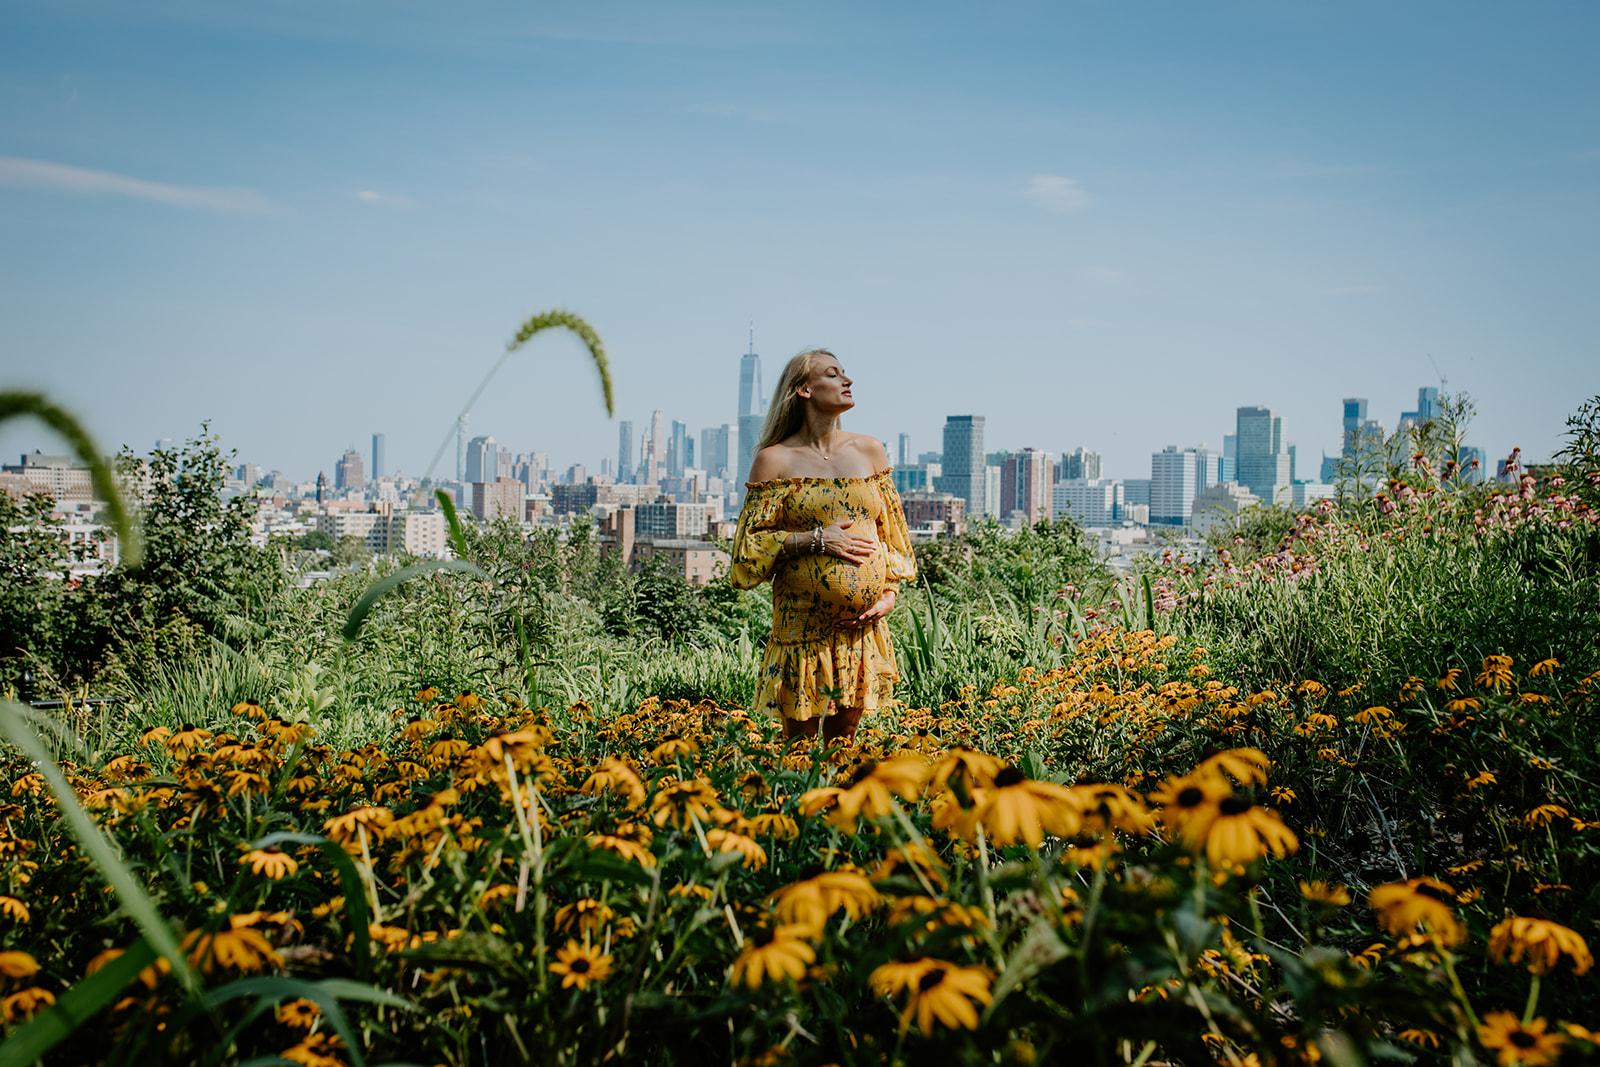 TowardsTheMoon_JerseyCity_NYC_Maternity_Natalia-11320190716.jpg